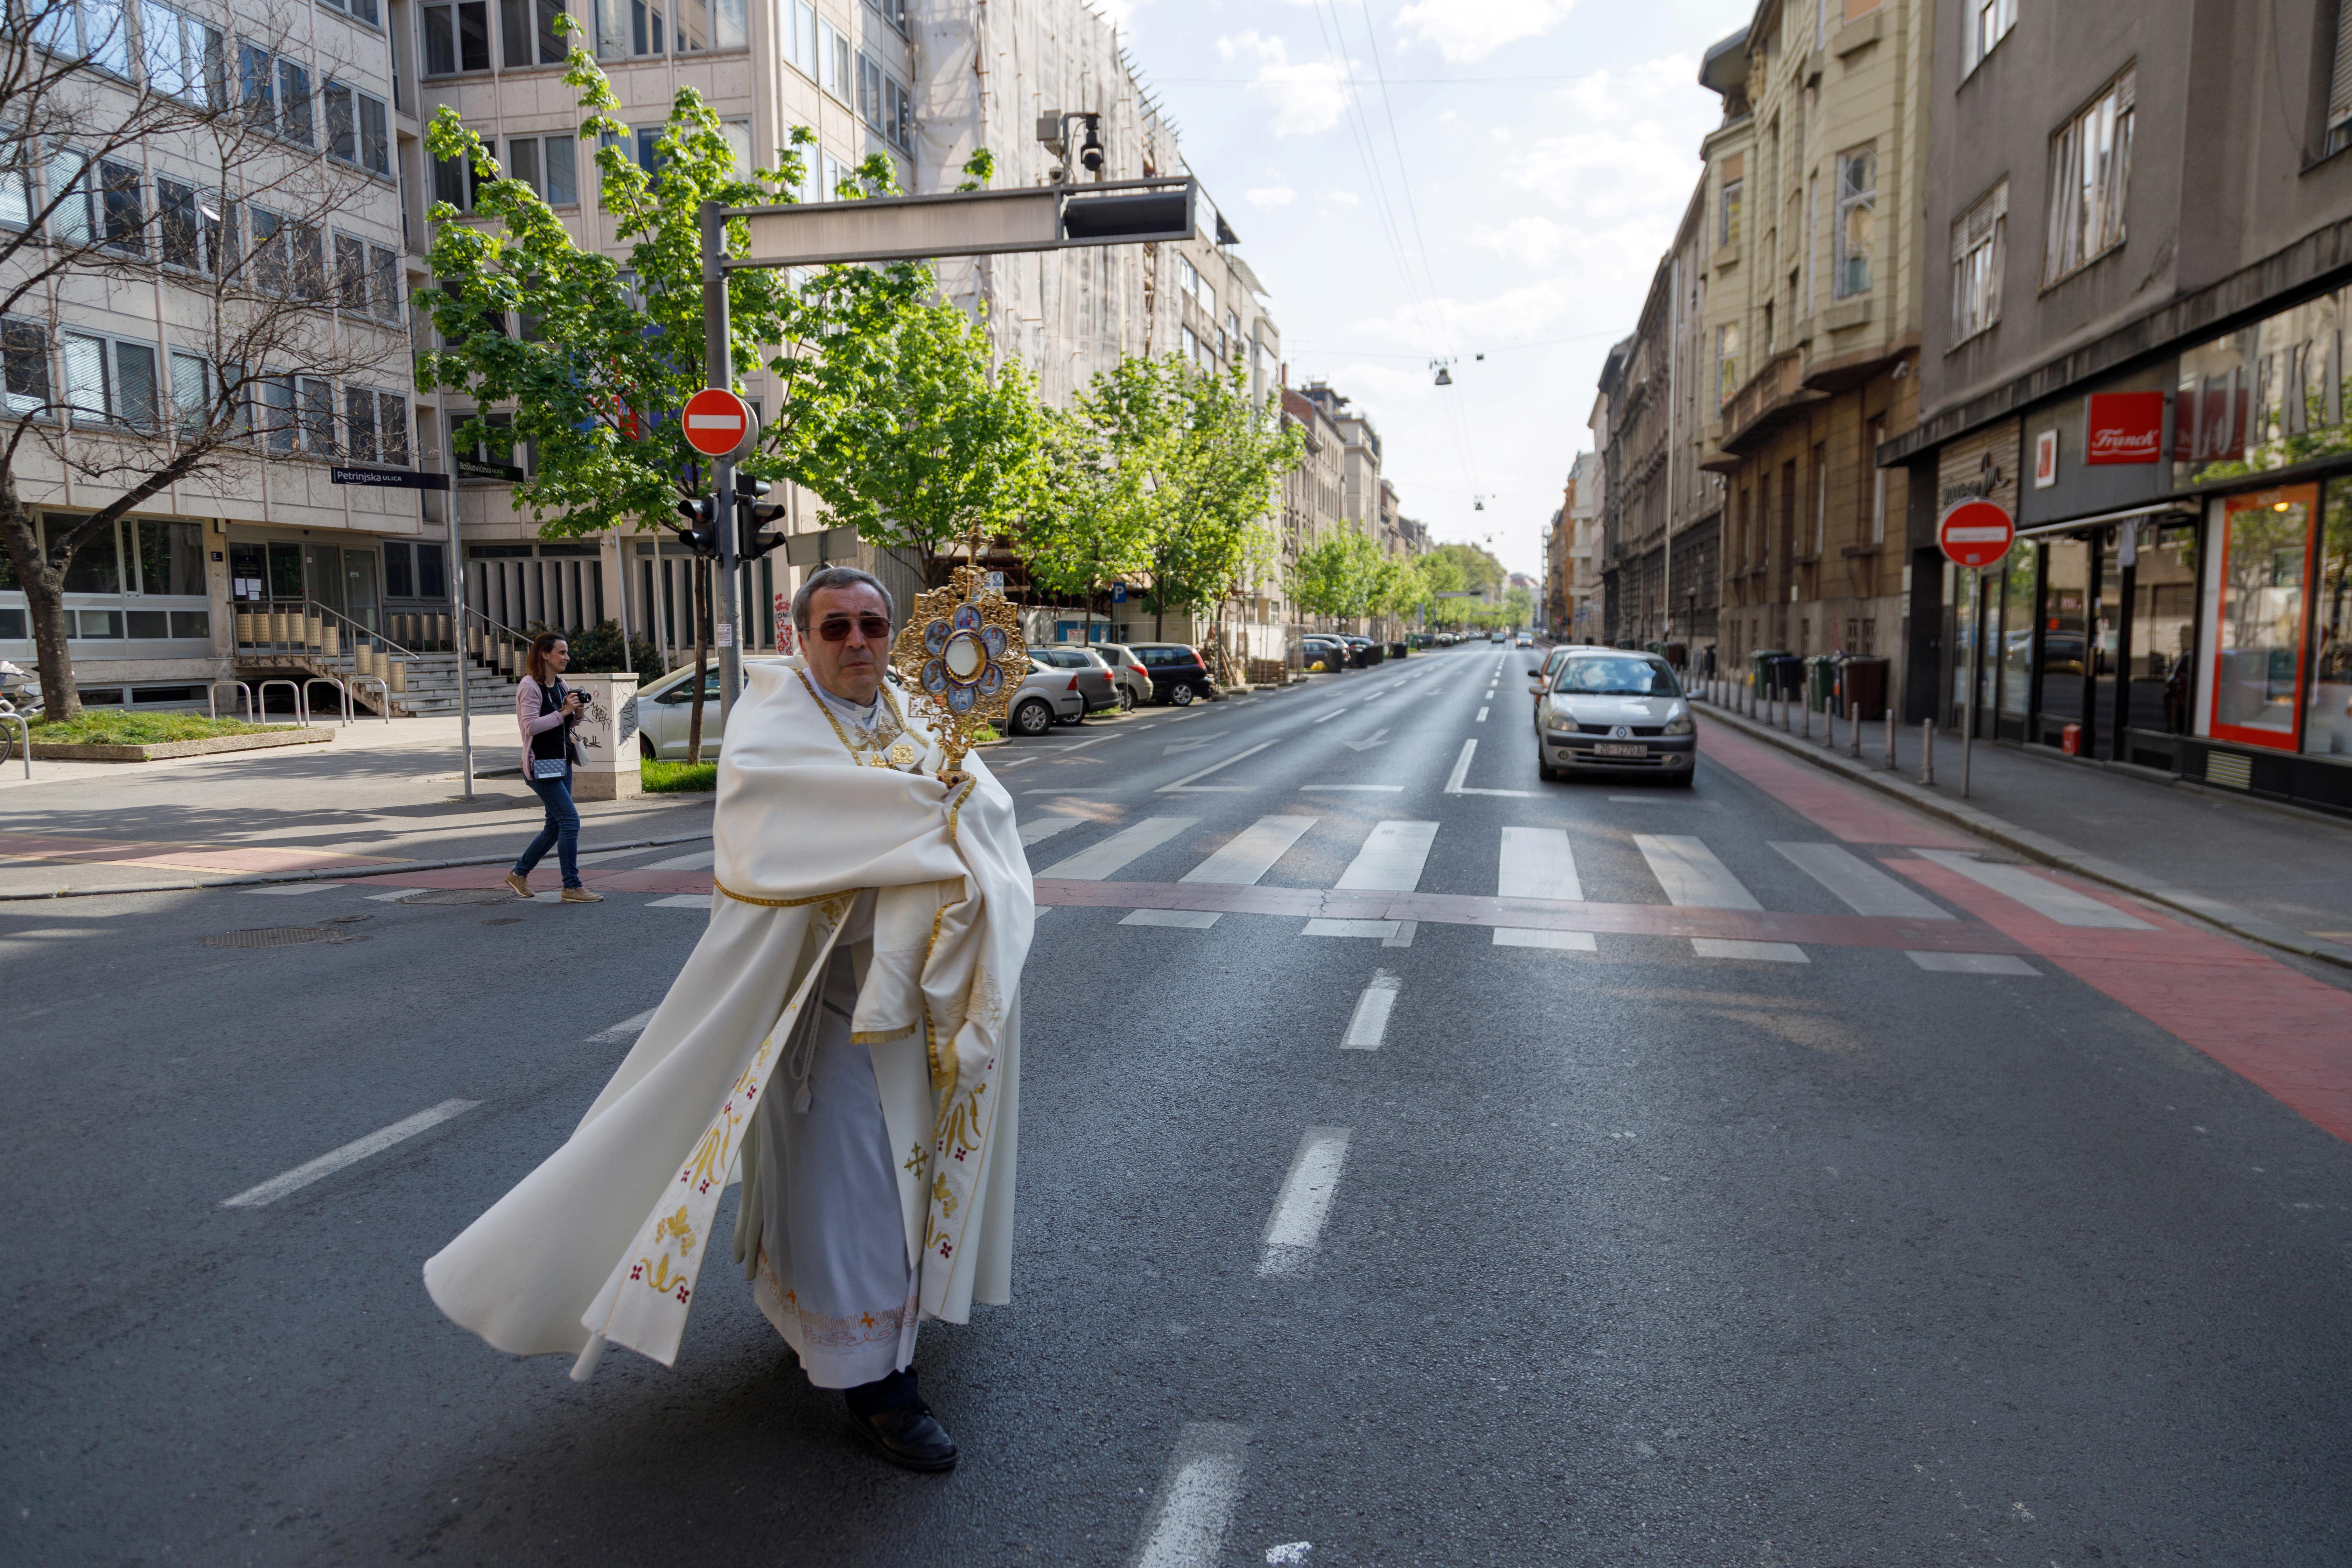 Junto a una cruz, el padre Ivan Matic recorrió durante toda la jornada las calles de Zagreb, para bendecir a los creyentes